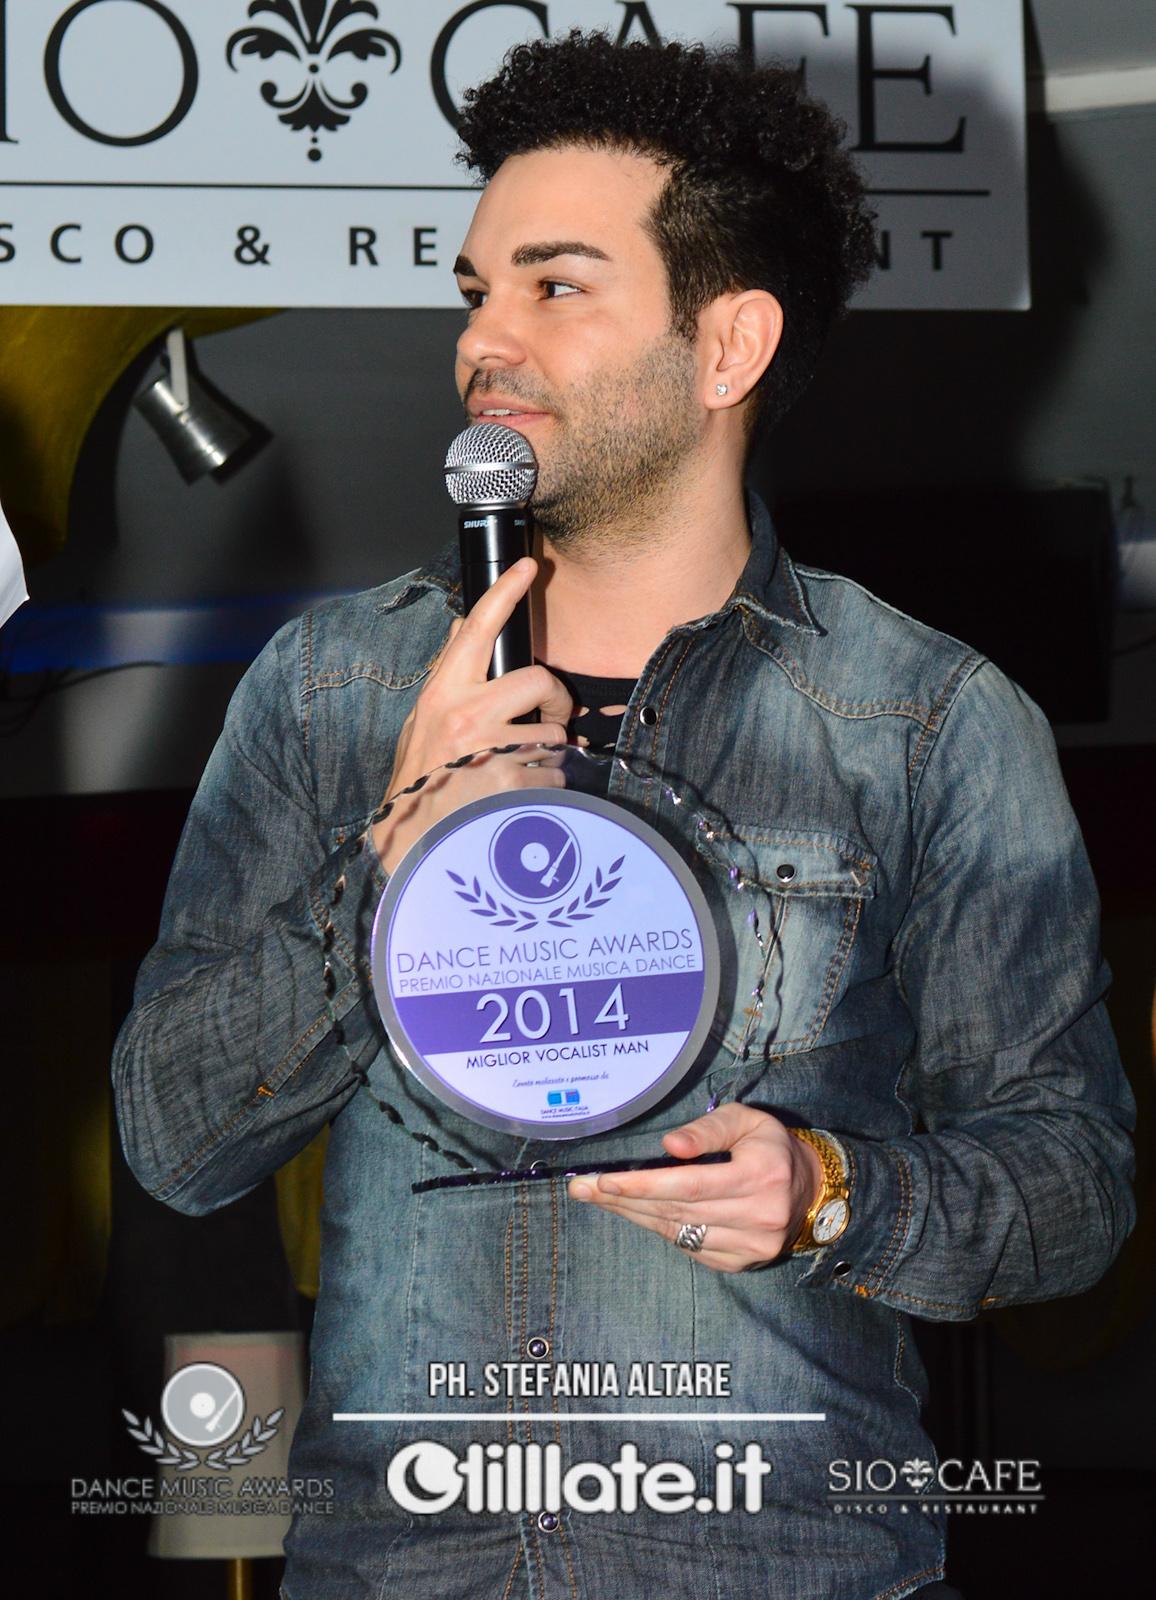 Miglior Vocalist Man 2014